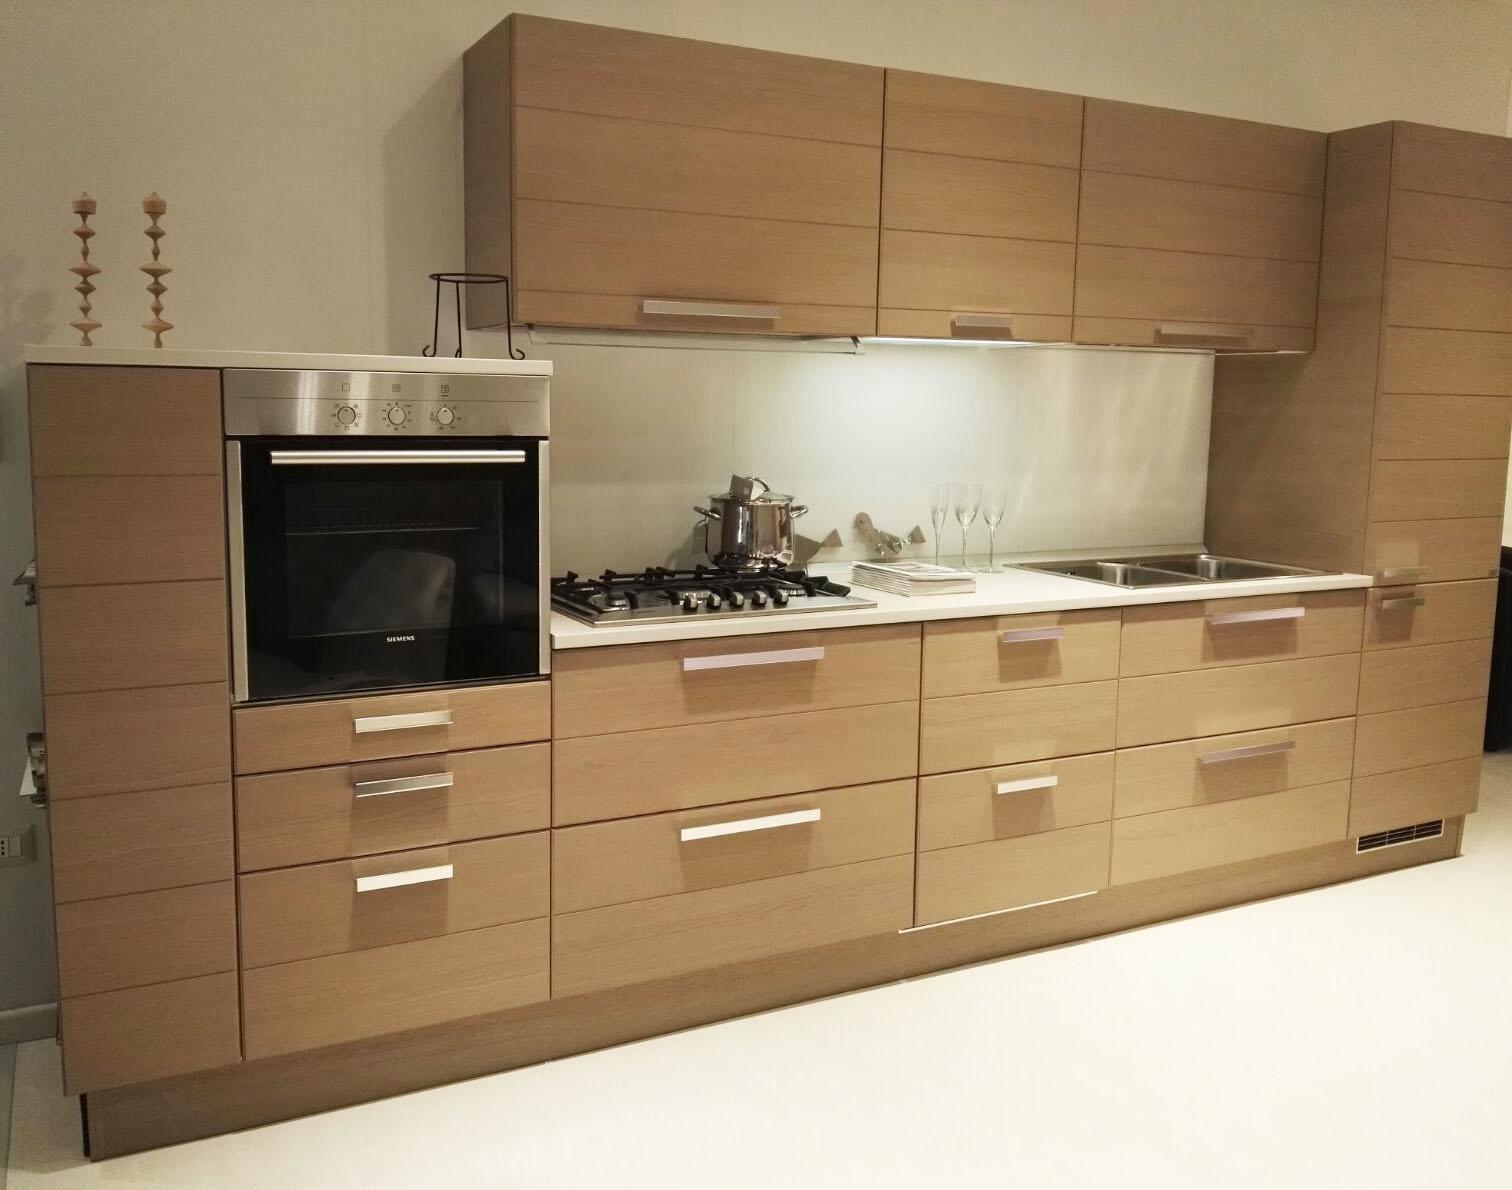 Cucina scavolini open moderna legno cucine a prezzi scontati - Top cucina laminato opinioni ...